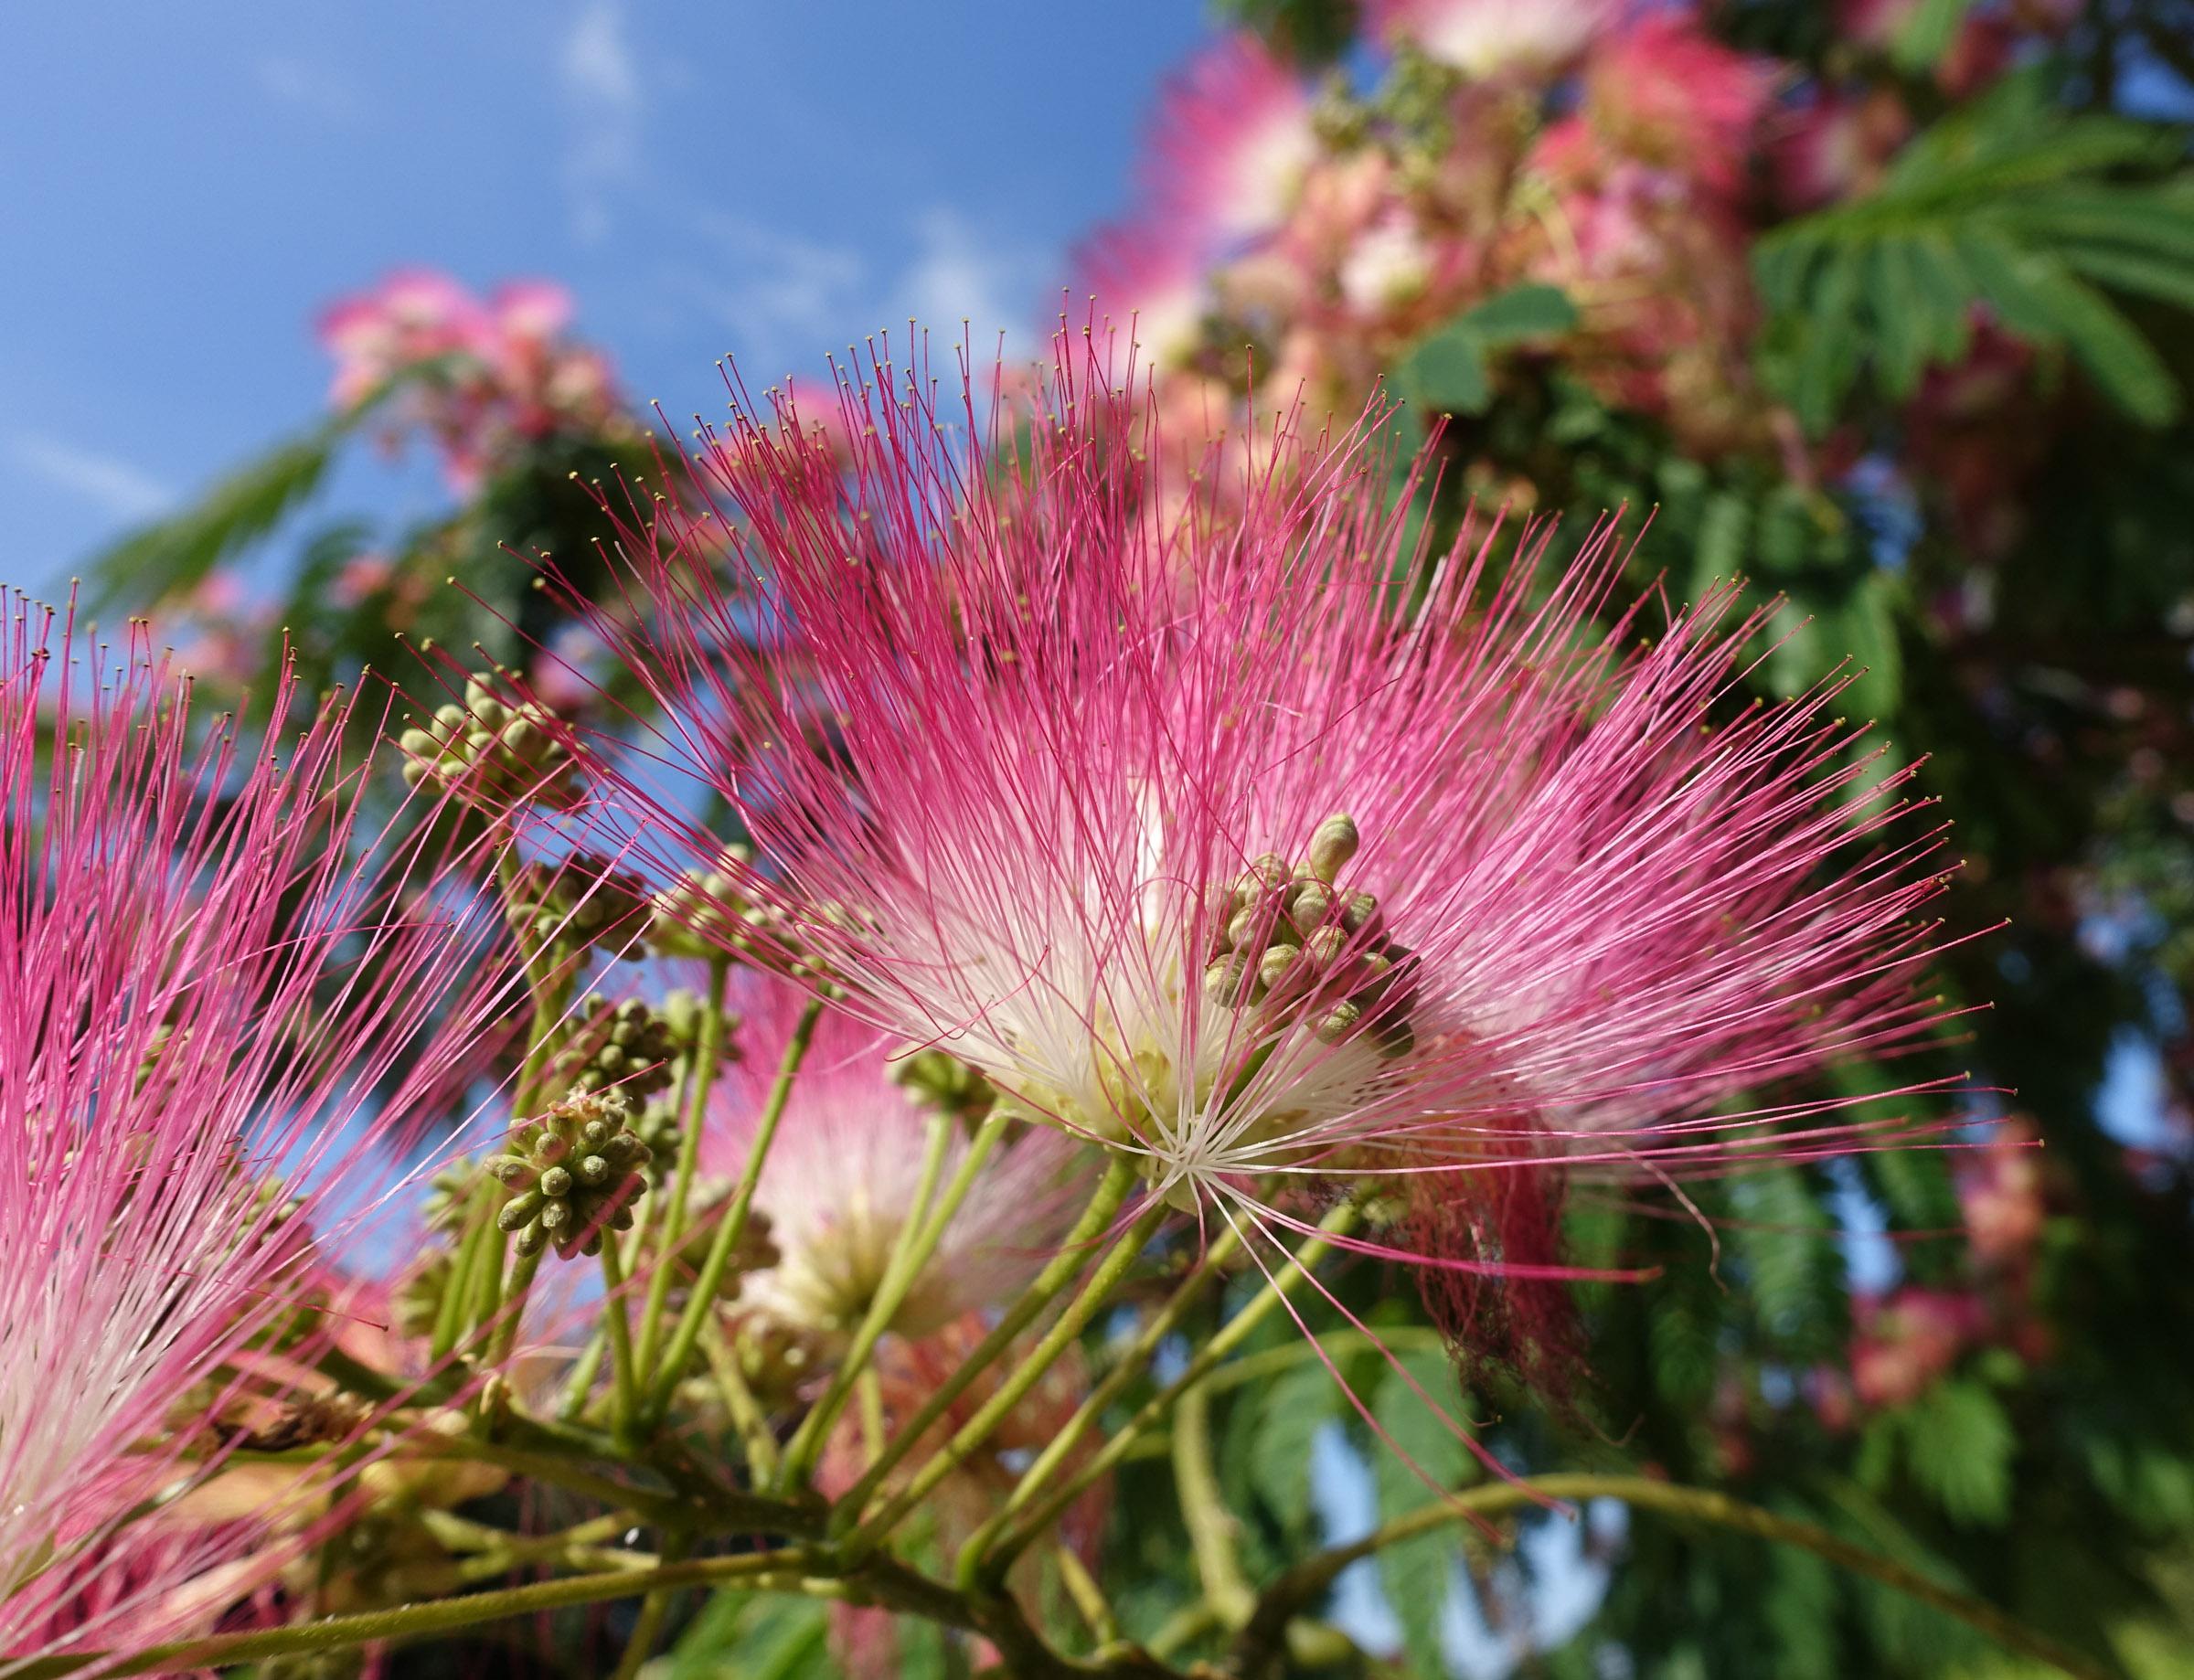 Albizia_flower_wikimedia